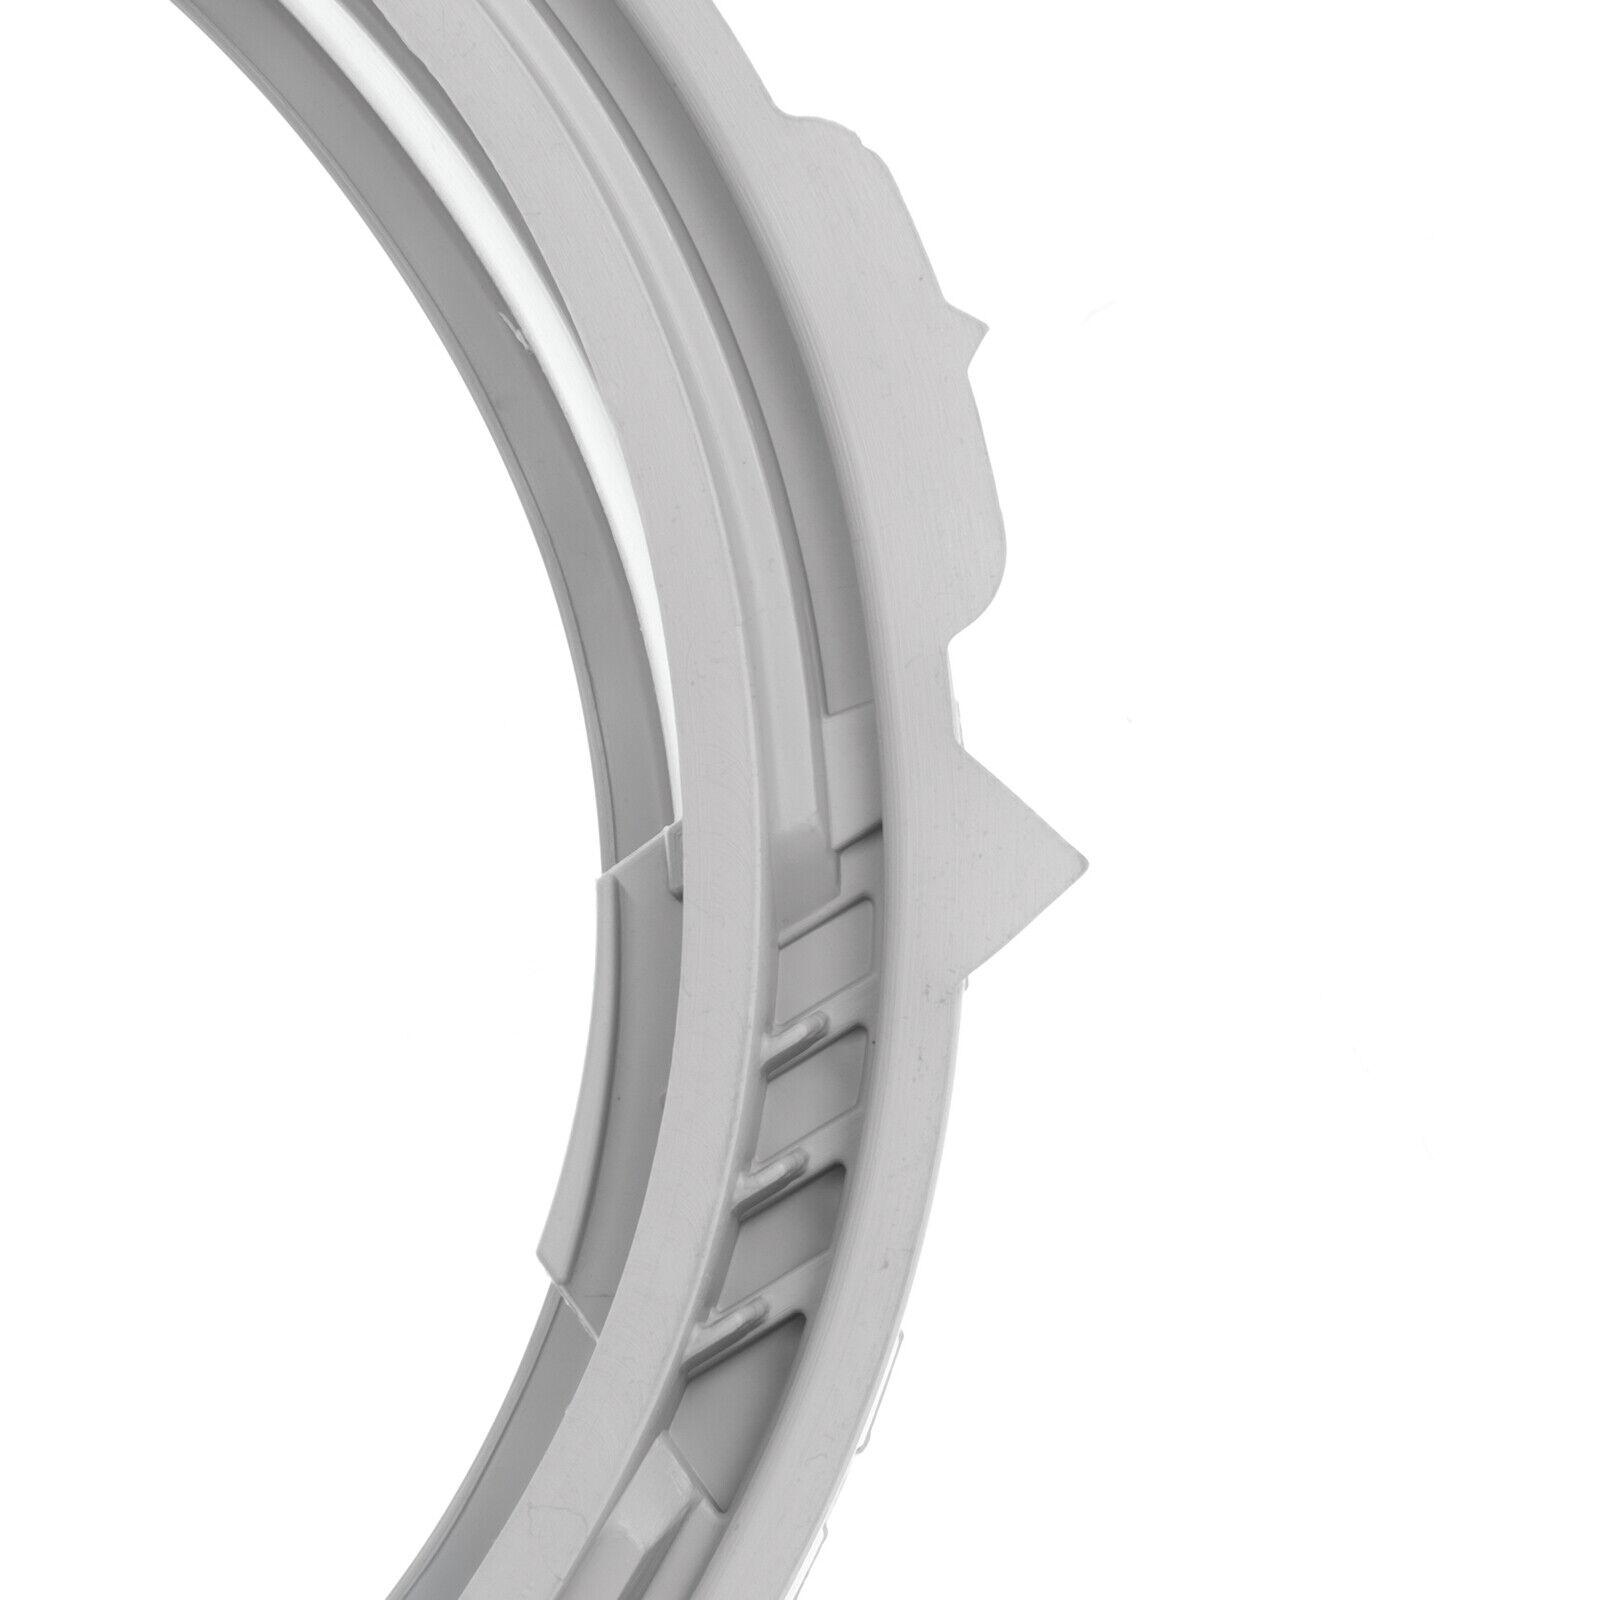 LAVATRICE ricambio guarnizione SIGILLA SPORTELLO in gomma per Samsung DC64-02888A Ecobubble